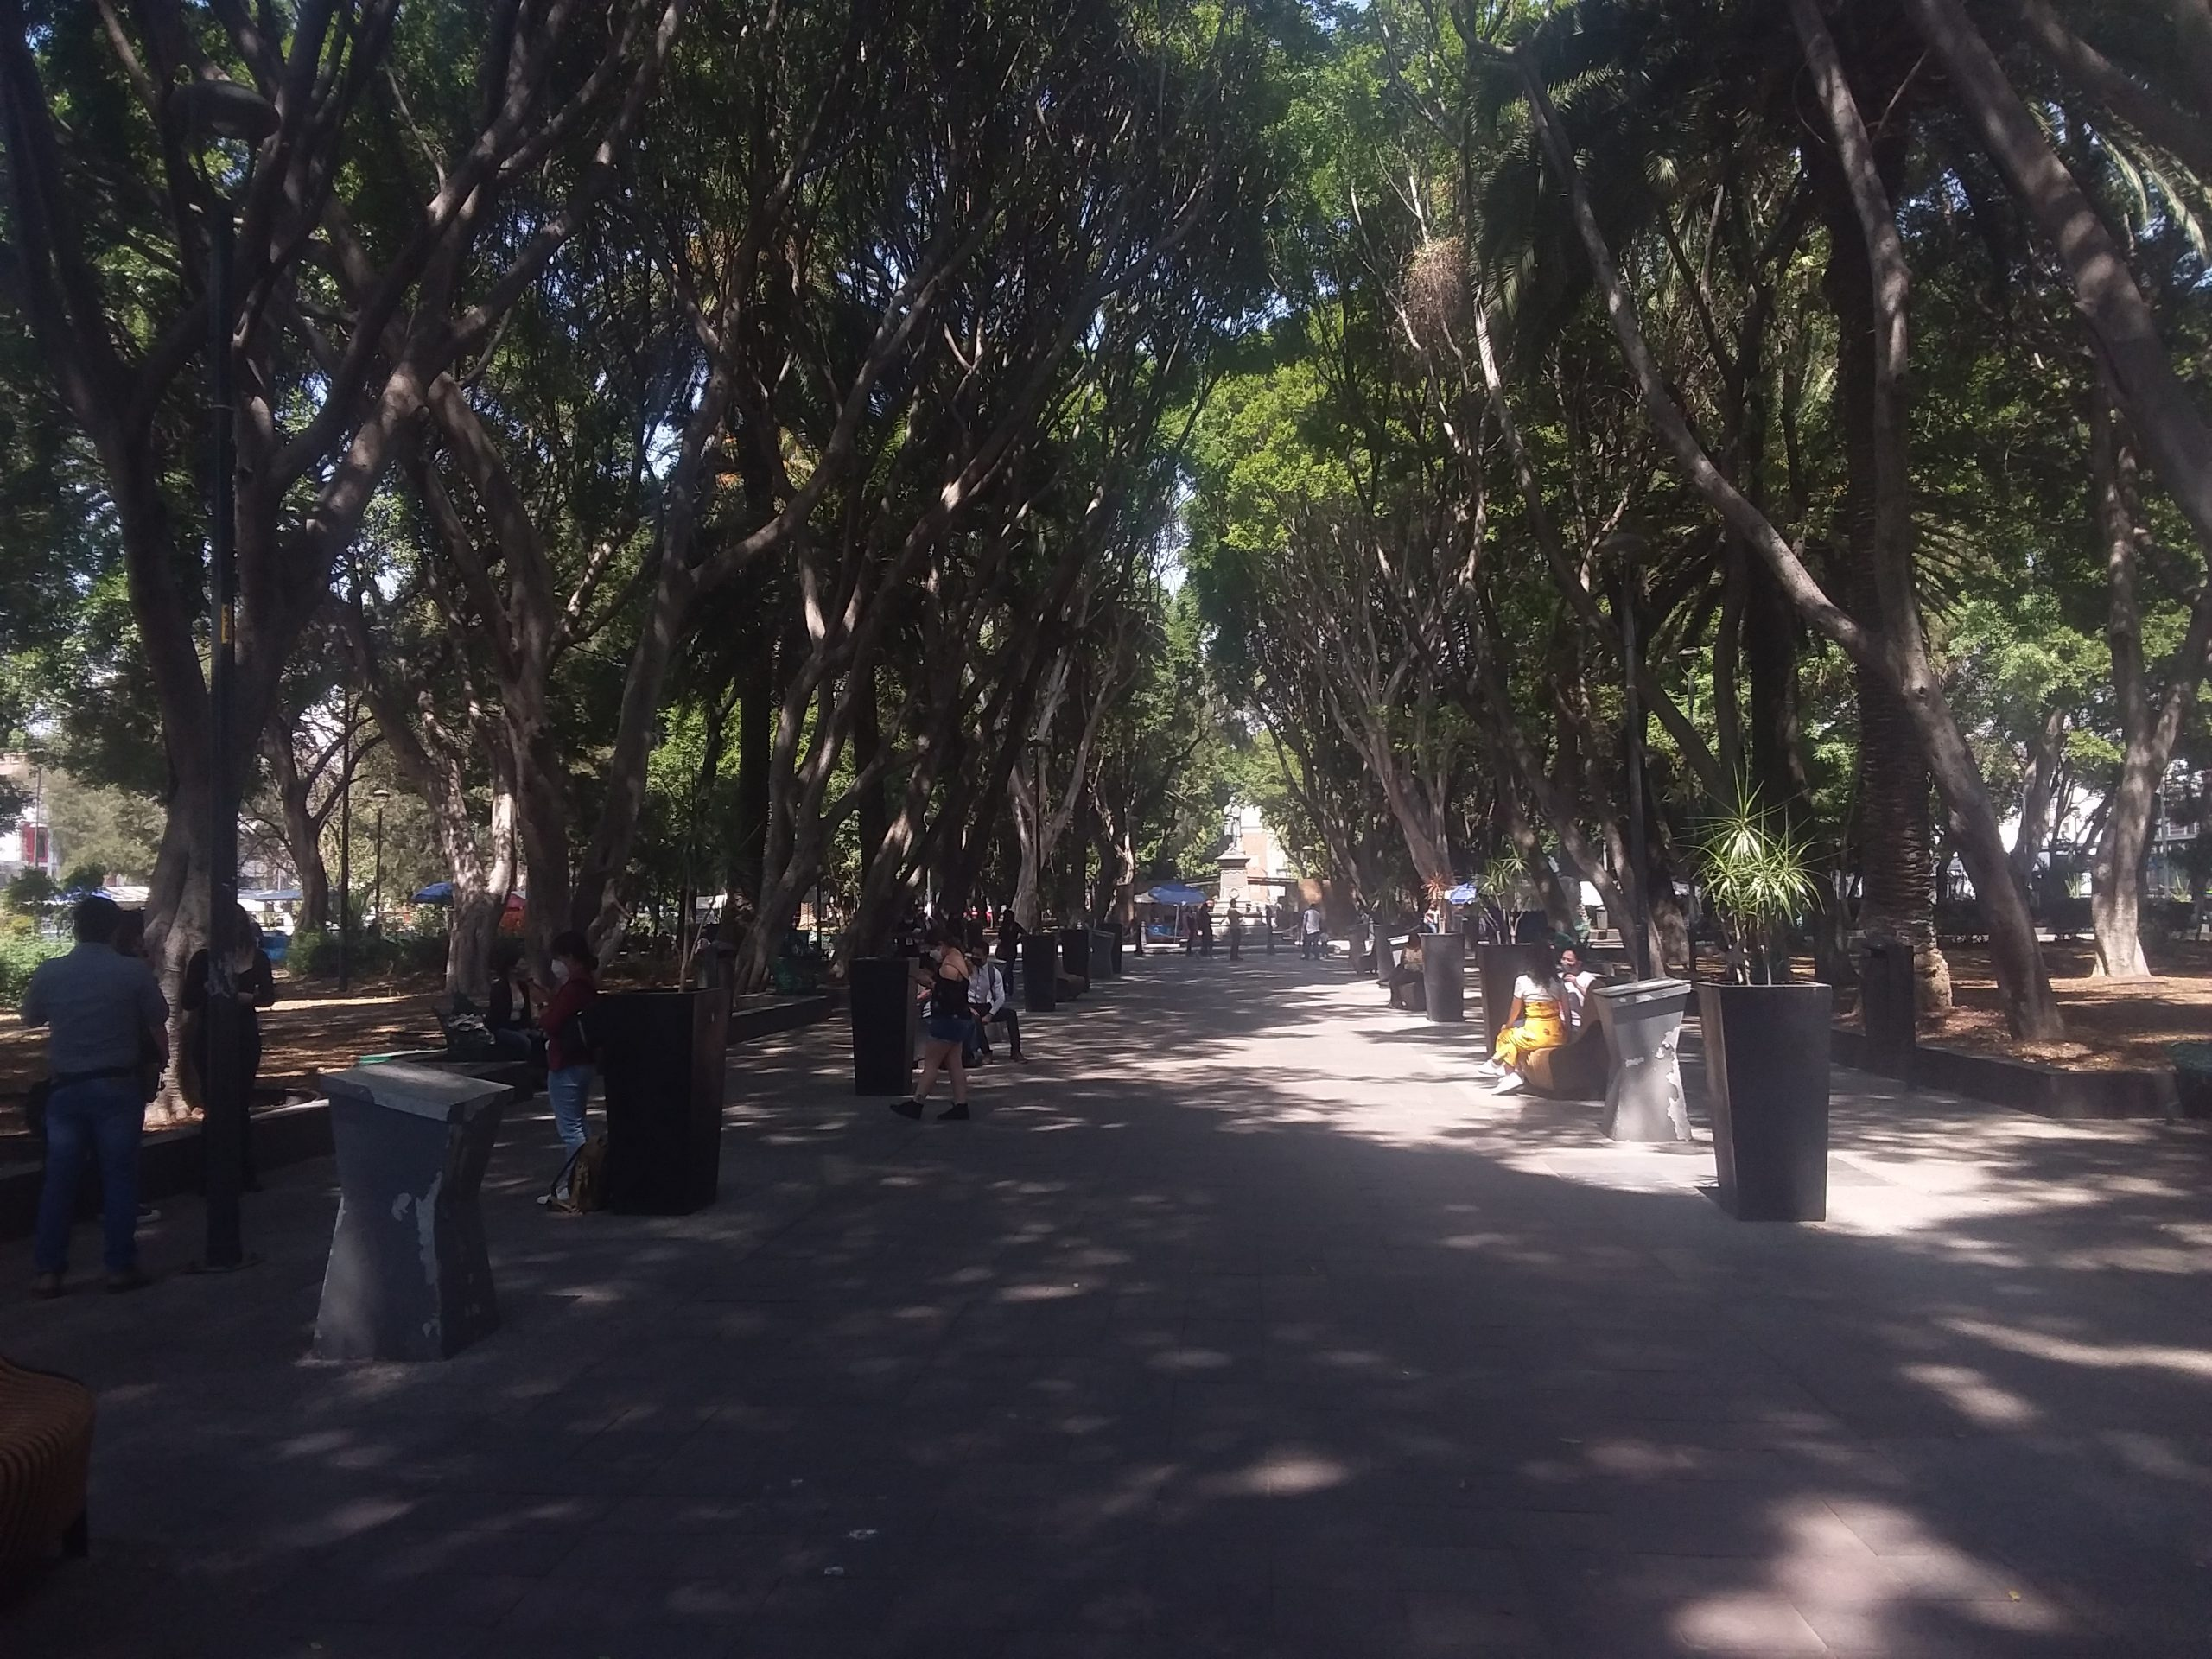 Plaza puebla